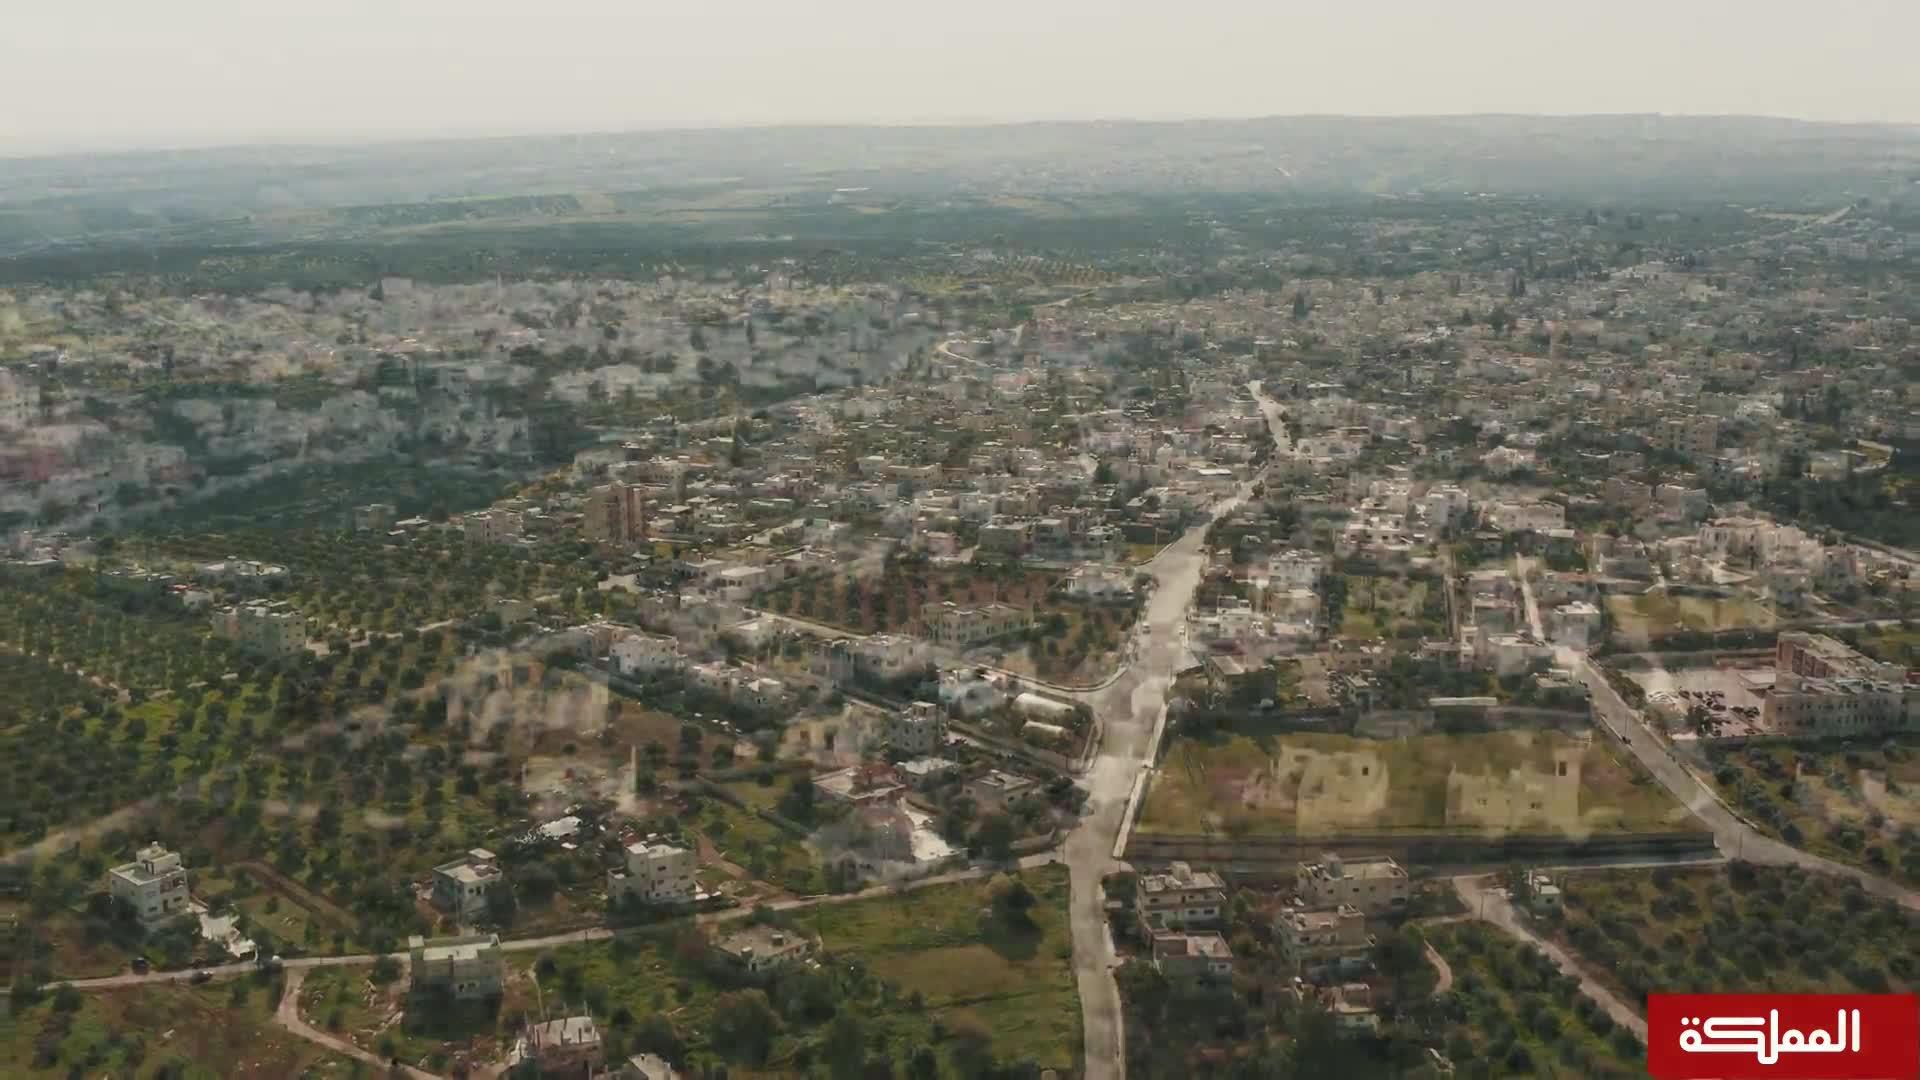 بوح القرى | قرية سحم الكفارات